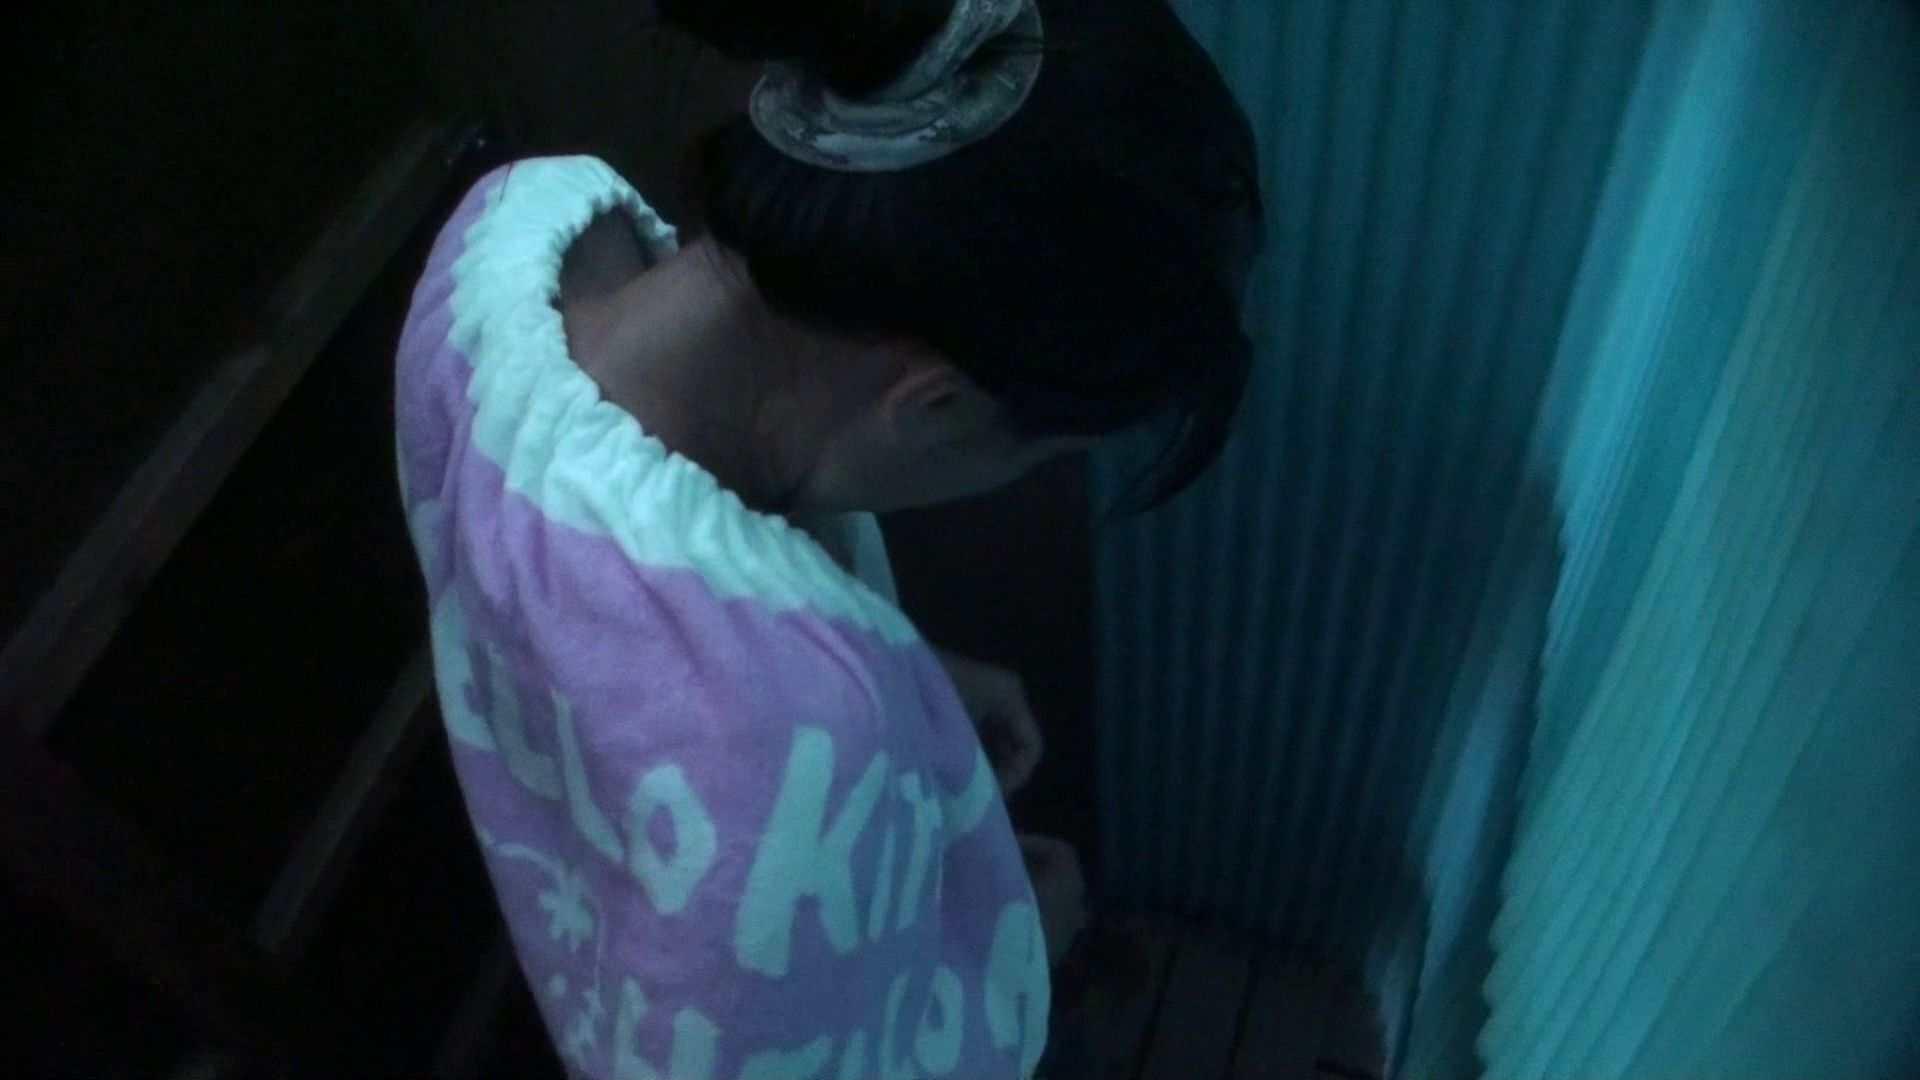 シャワールームは超!!危険な香りVol.26 大学生風美形ギャル 暗さが残念! シャワー | 高画質  106画像 49